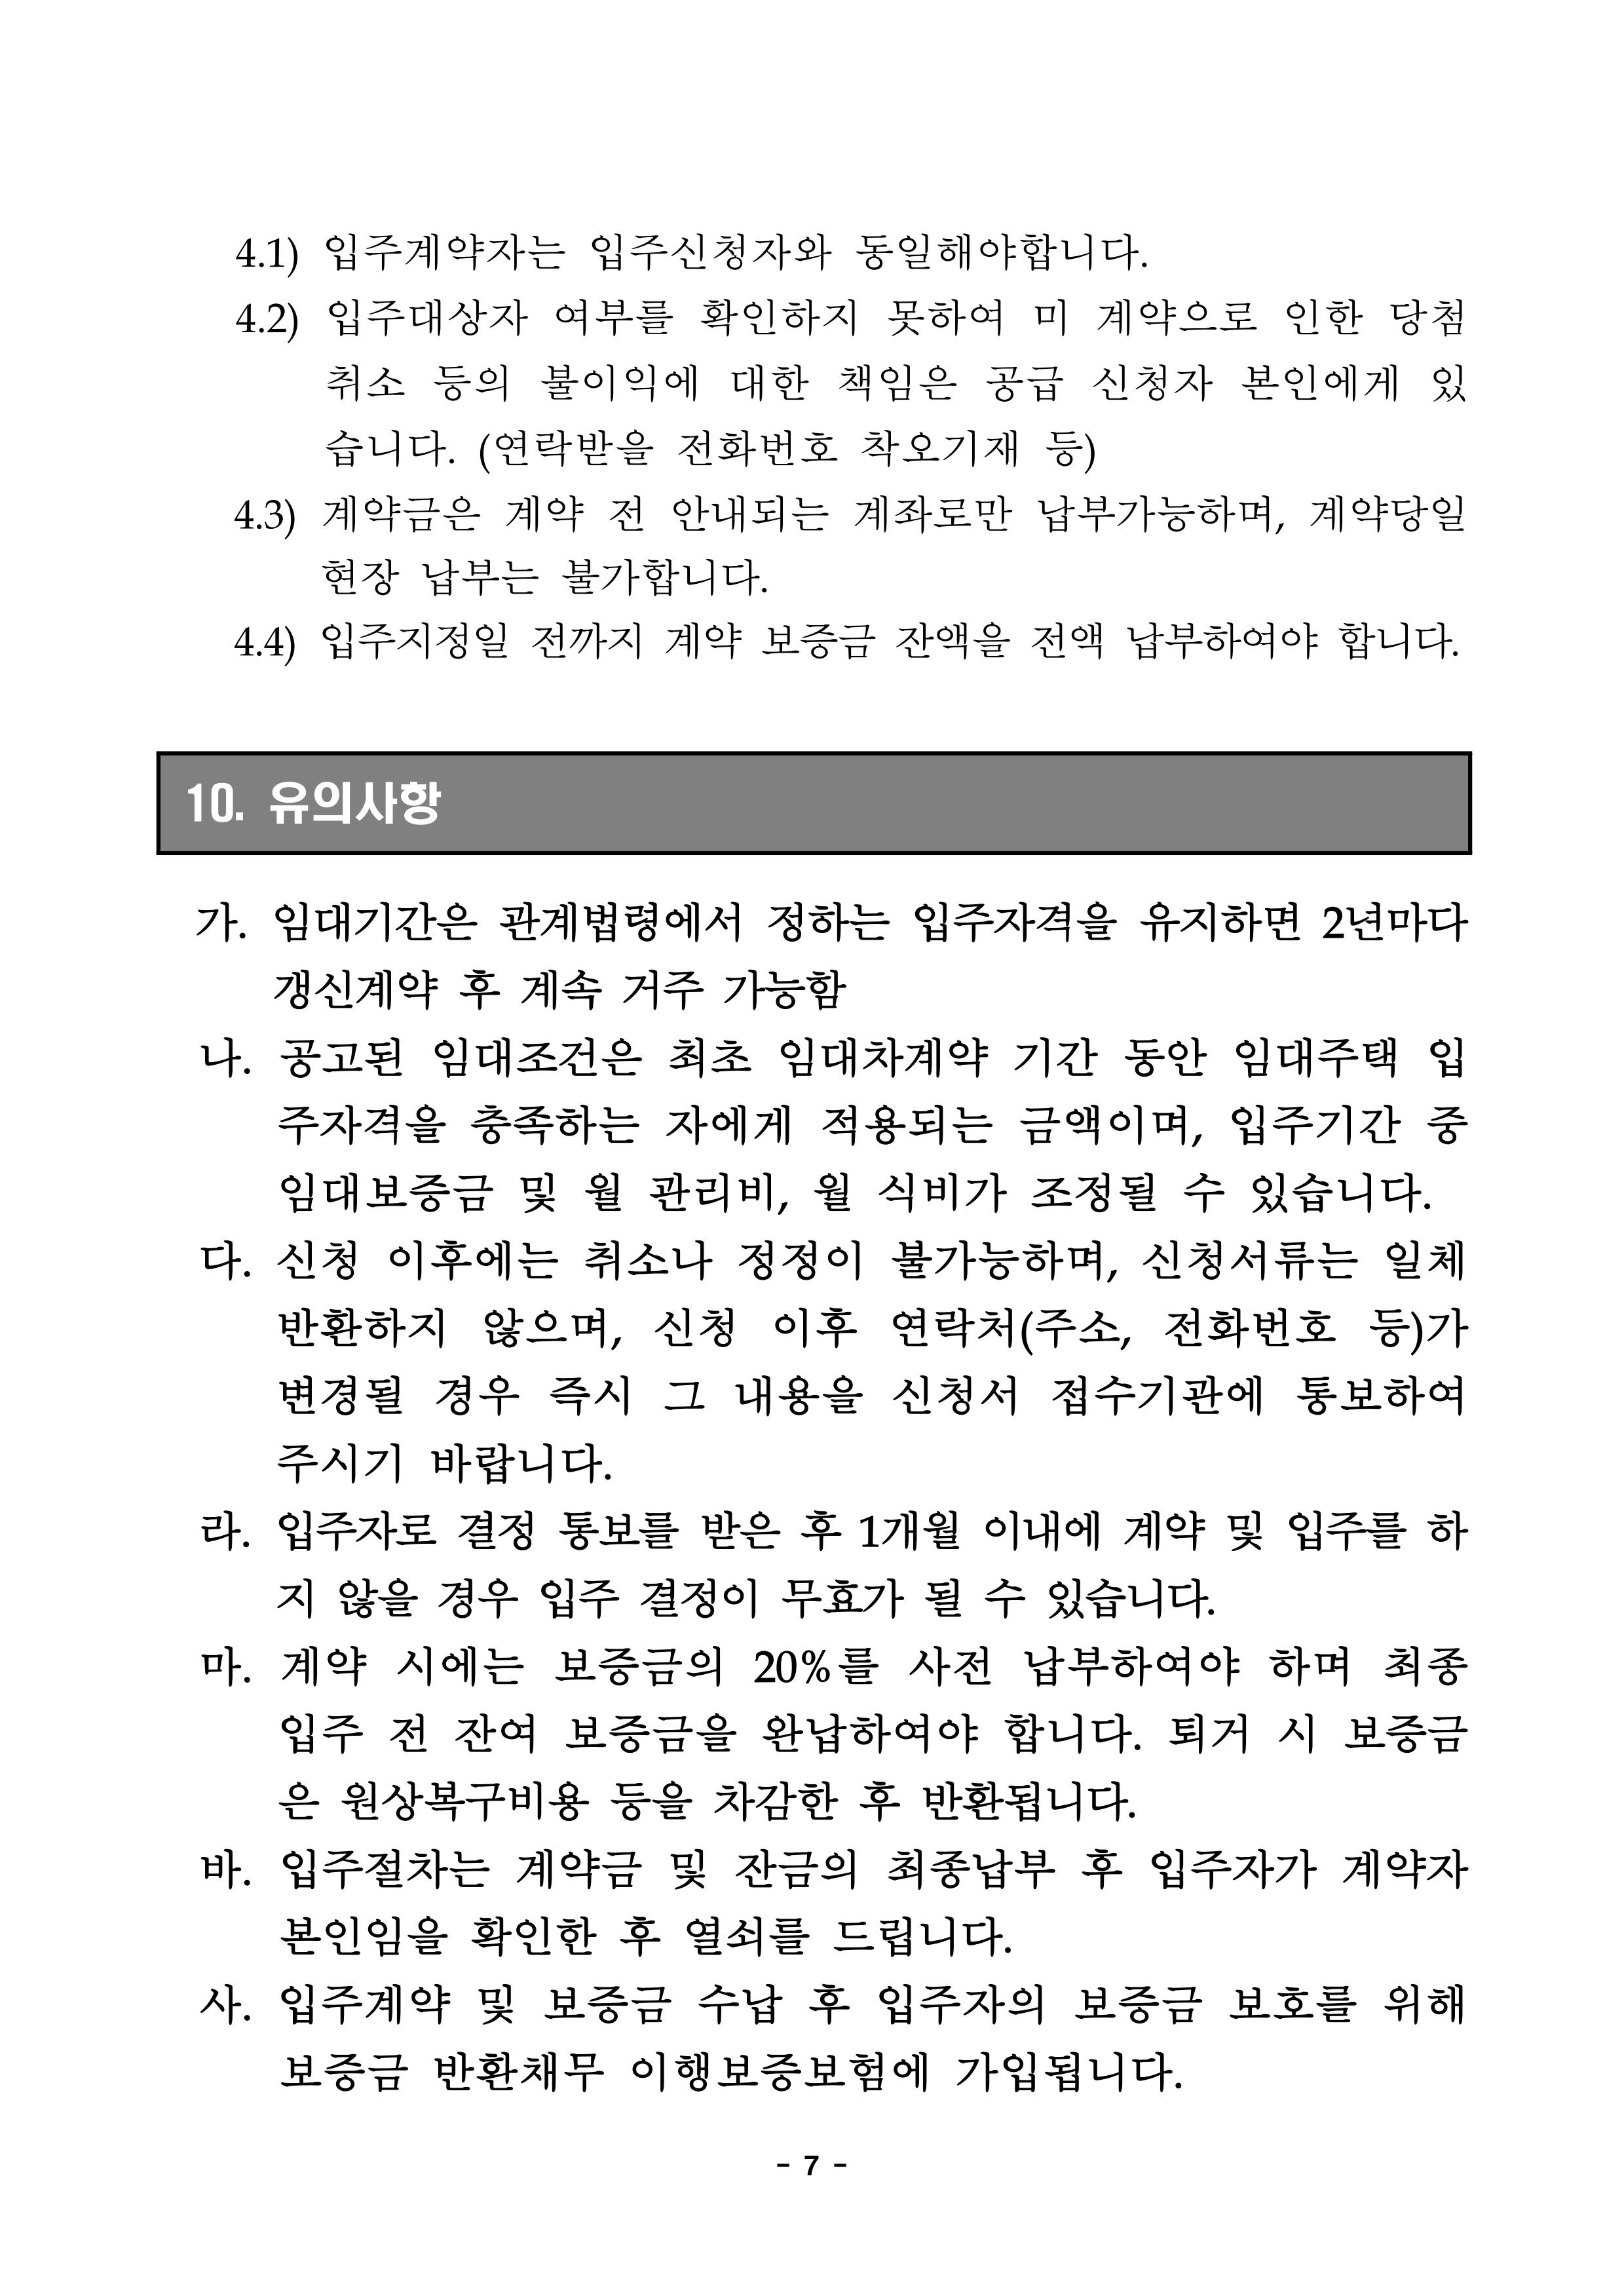 [붙임1] 생명의빛홈타운 입주자 모집공고문 7.jpg